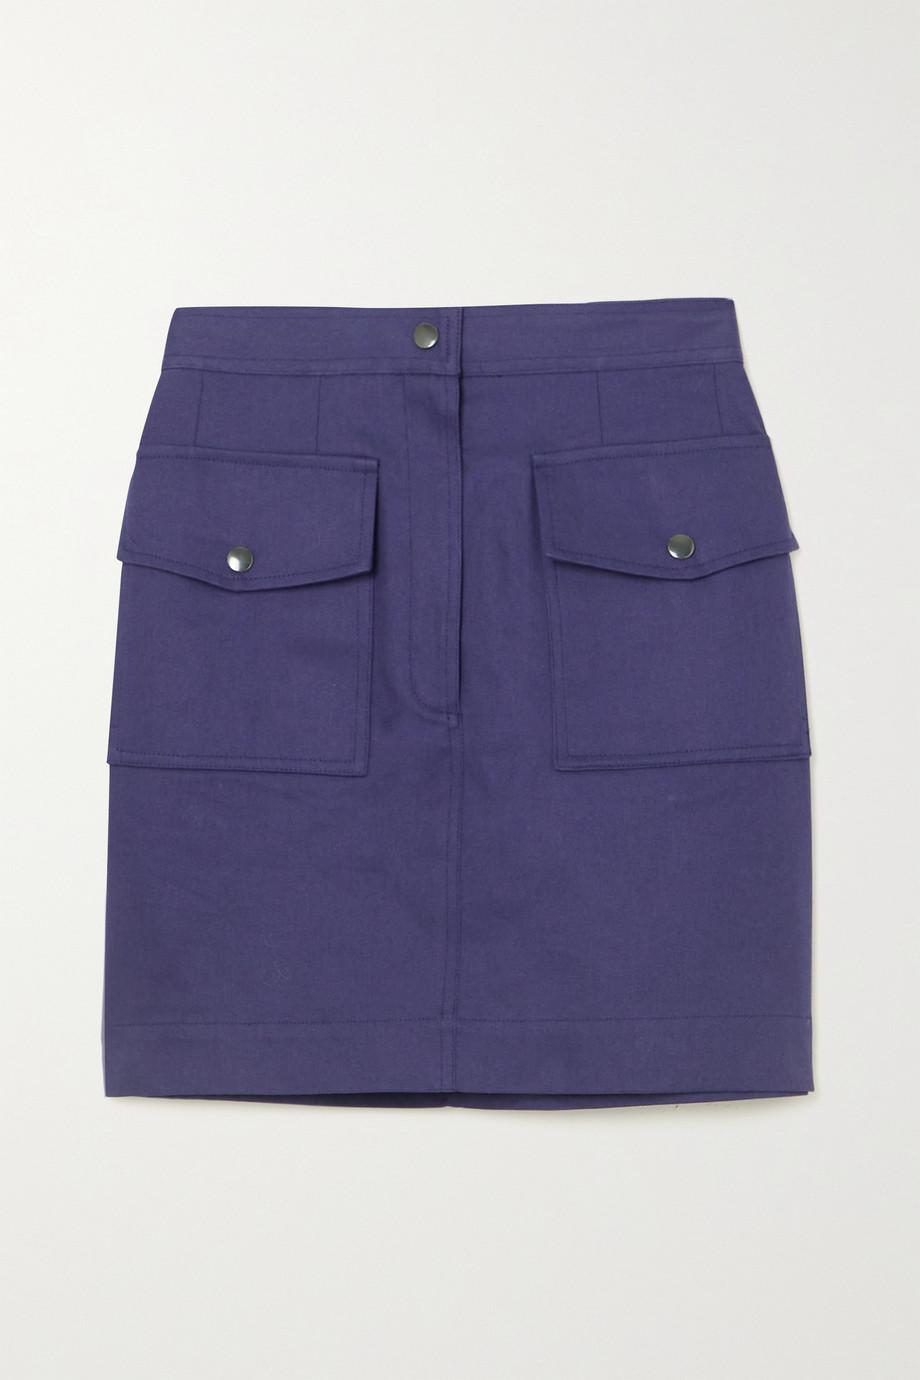 Dries Van Noten Cotton-twill mini skirt